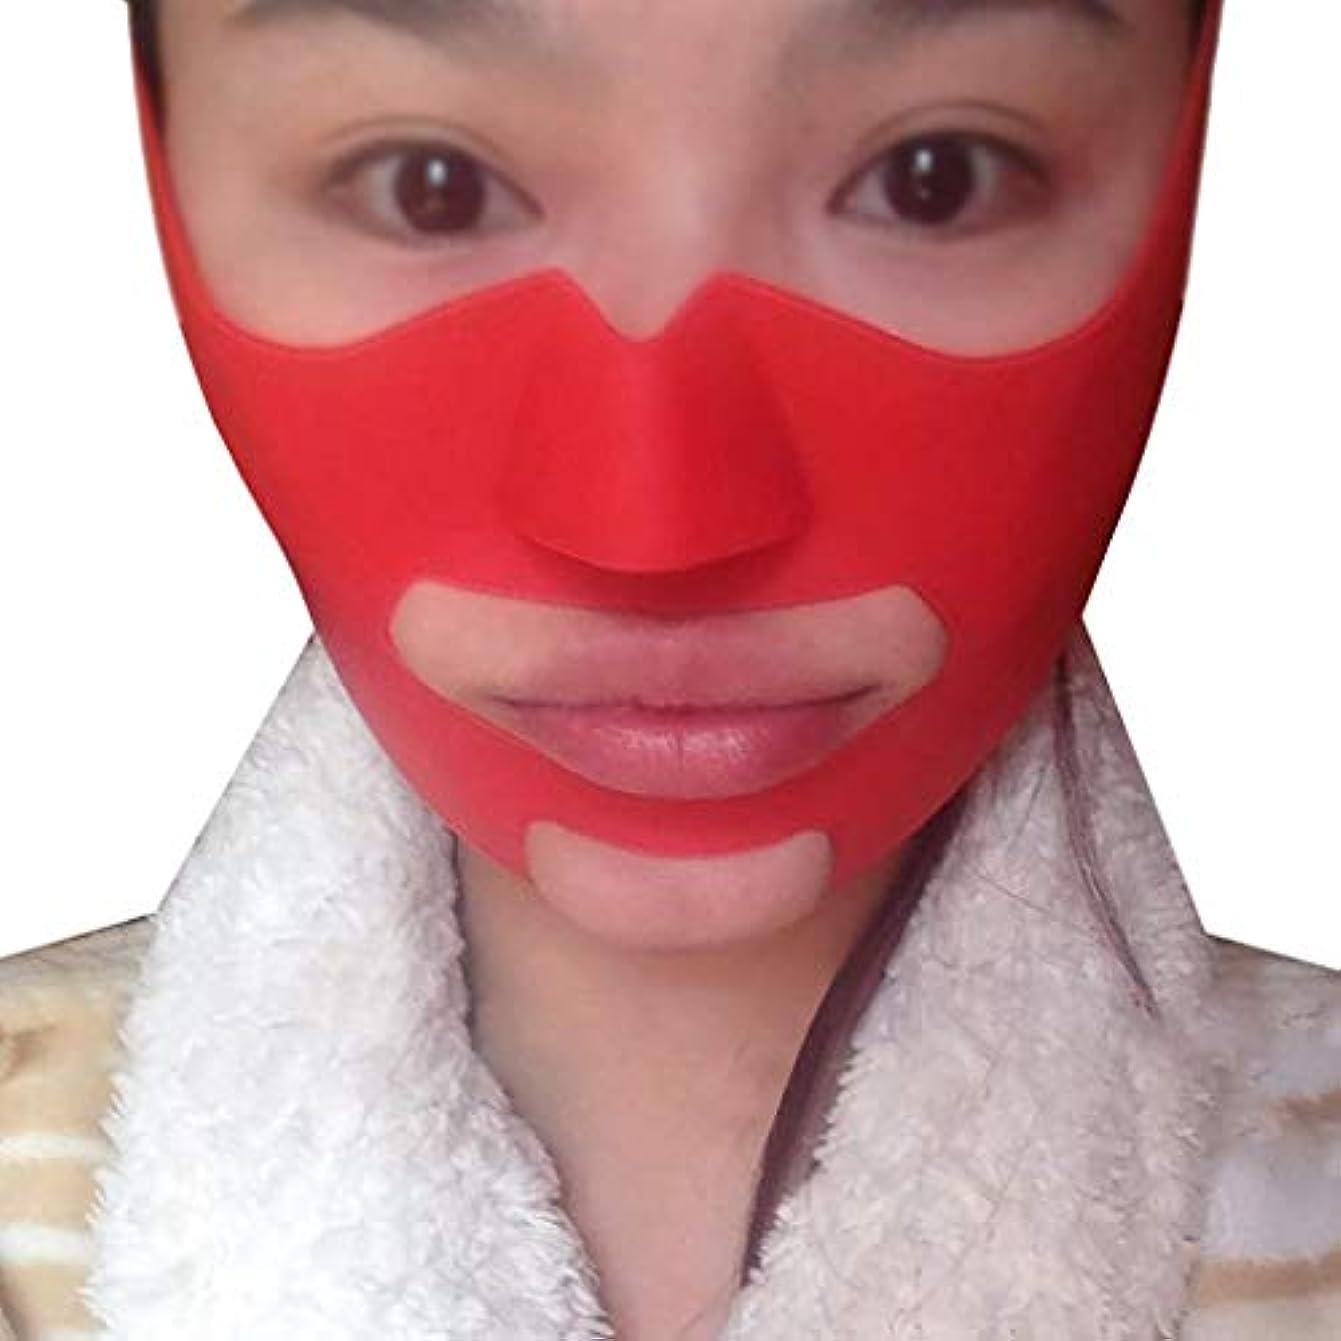 耐久干渉バイパスフェイスリフトマスク、シリコンVフェイスマスクフェイスマスク強力で細かい筋肉マッスルリフトアップルマッスルを命令するパターンアーティファクト小さなVフェイス包帯フェイスとネックリフト